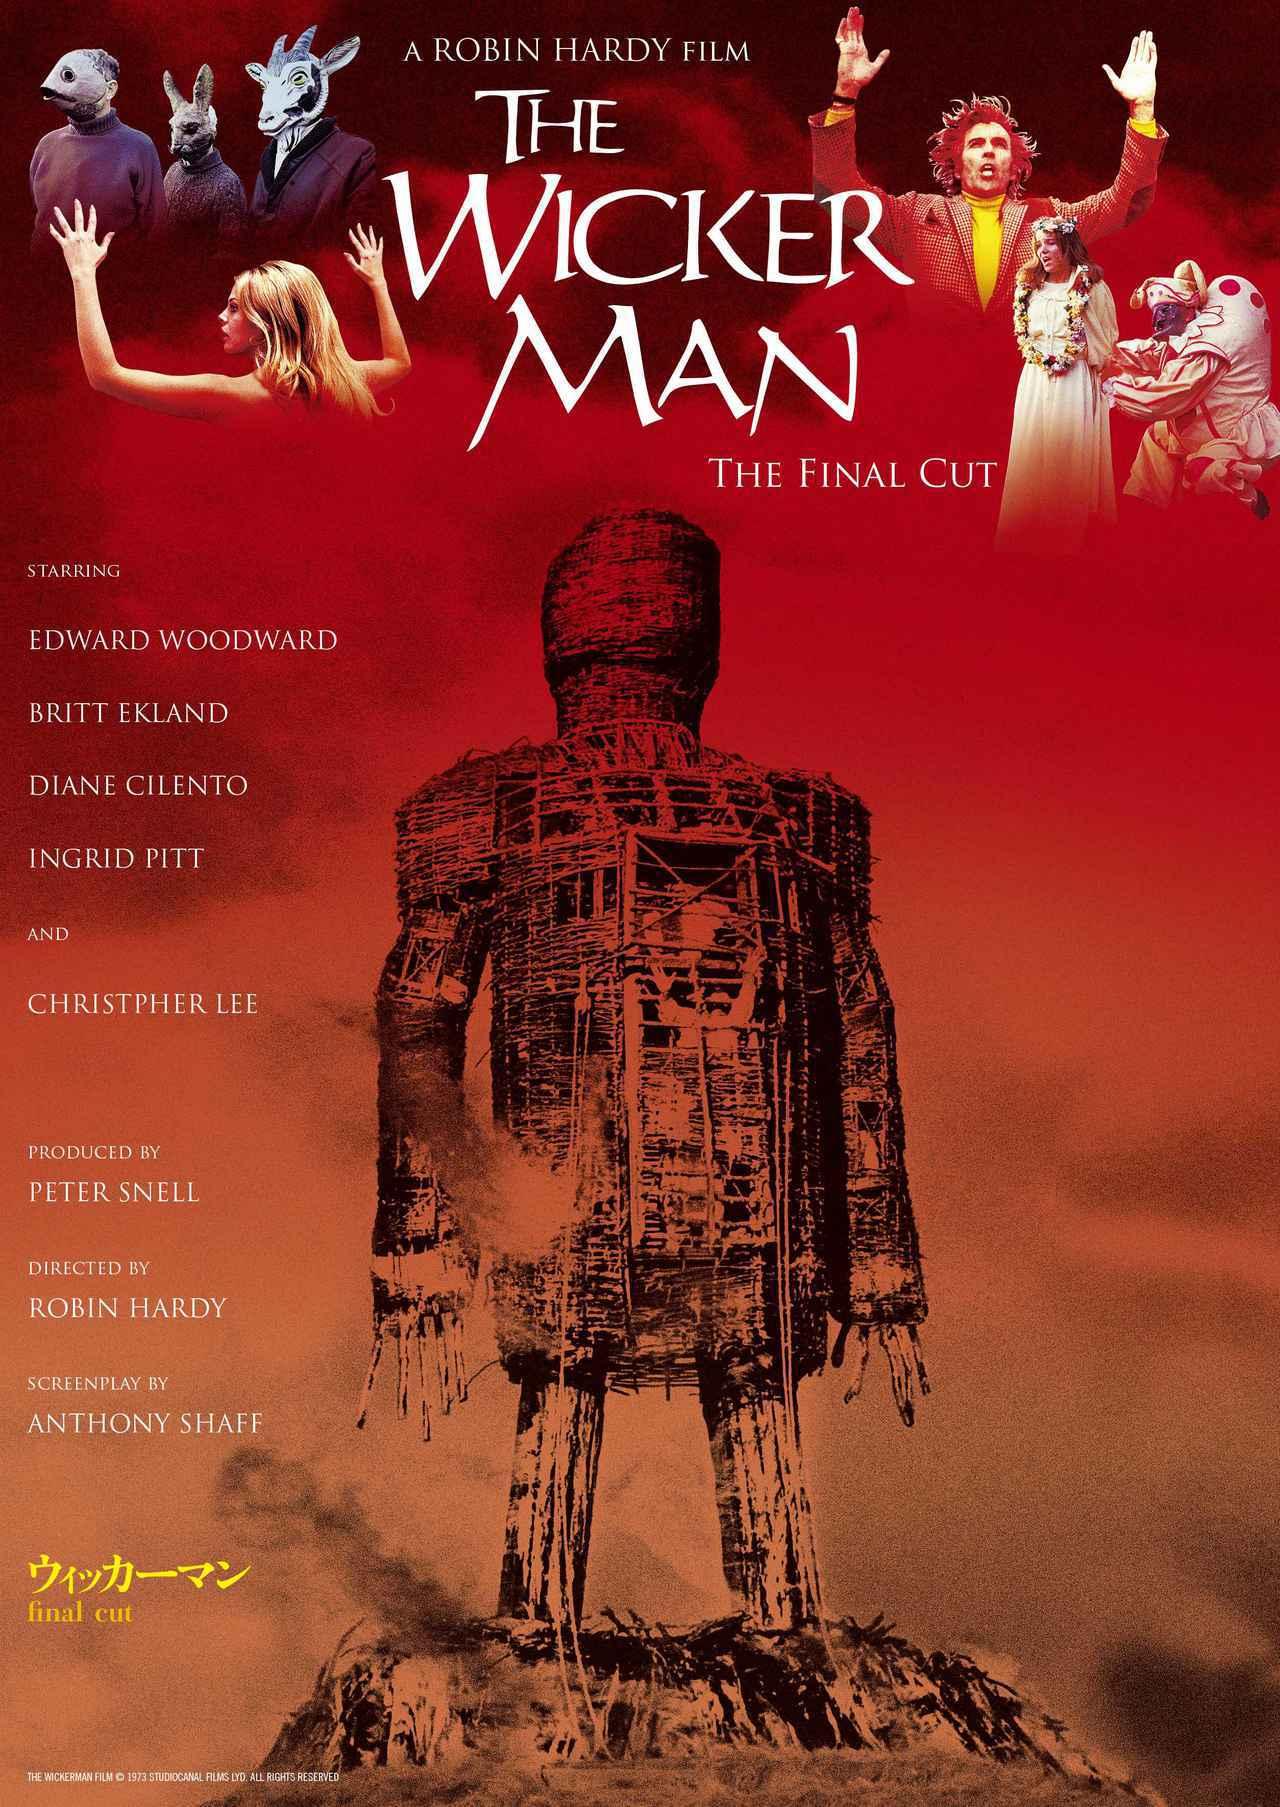 画像2: 怪作、奇作--カルト映画が今年も目白押し!「奇想天外映画祭 vol.2」予告公開!&日本初公開『ウィッカーマン final cut』の特別ビジュアルも解禁!